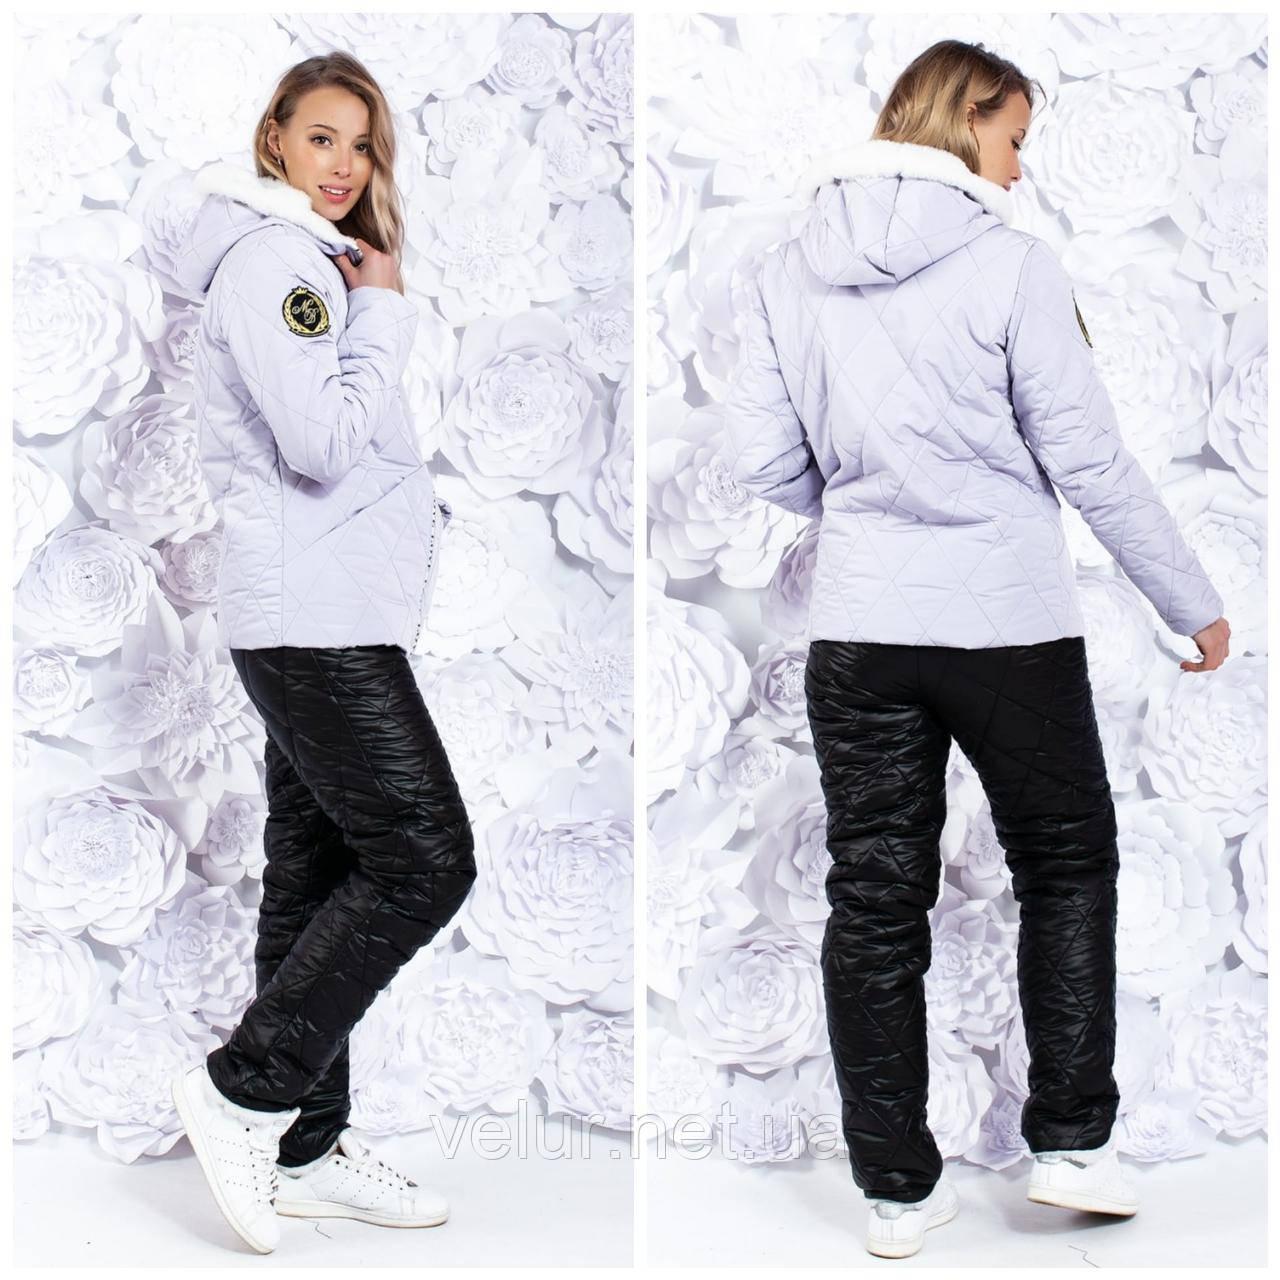 Зимний лыжный женский костюм про-во Украина, 3 цвета , разм 42-44,46-48, 50-52, 54-56